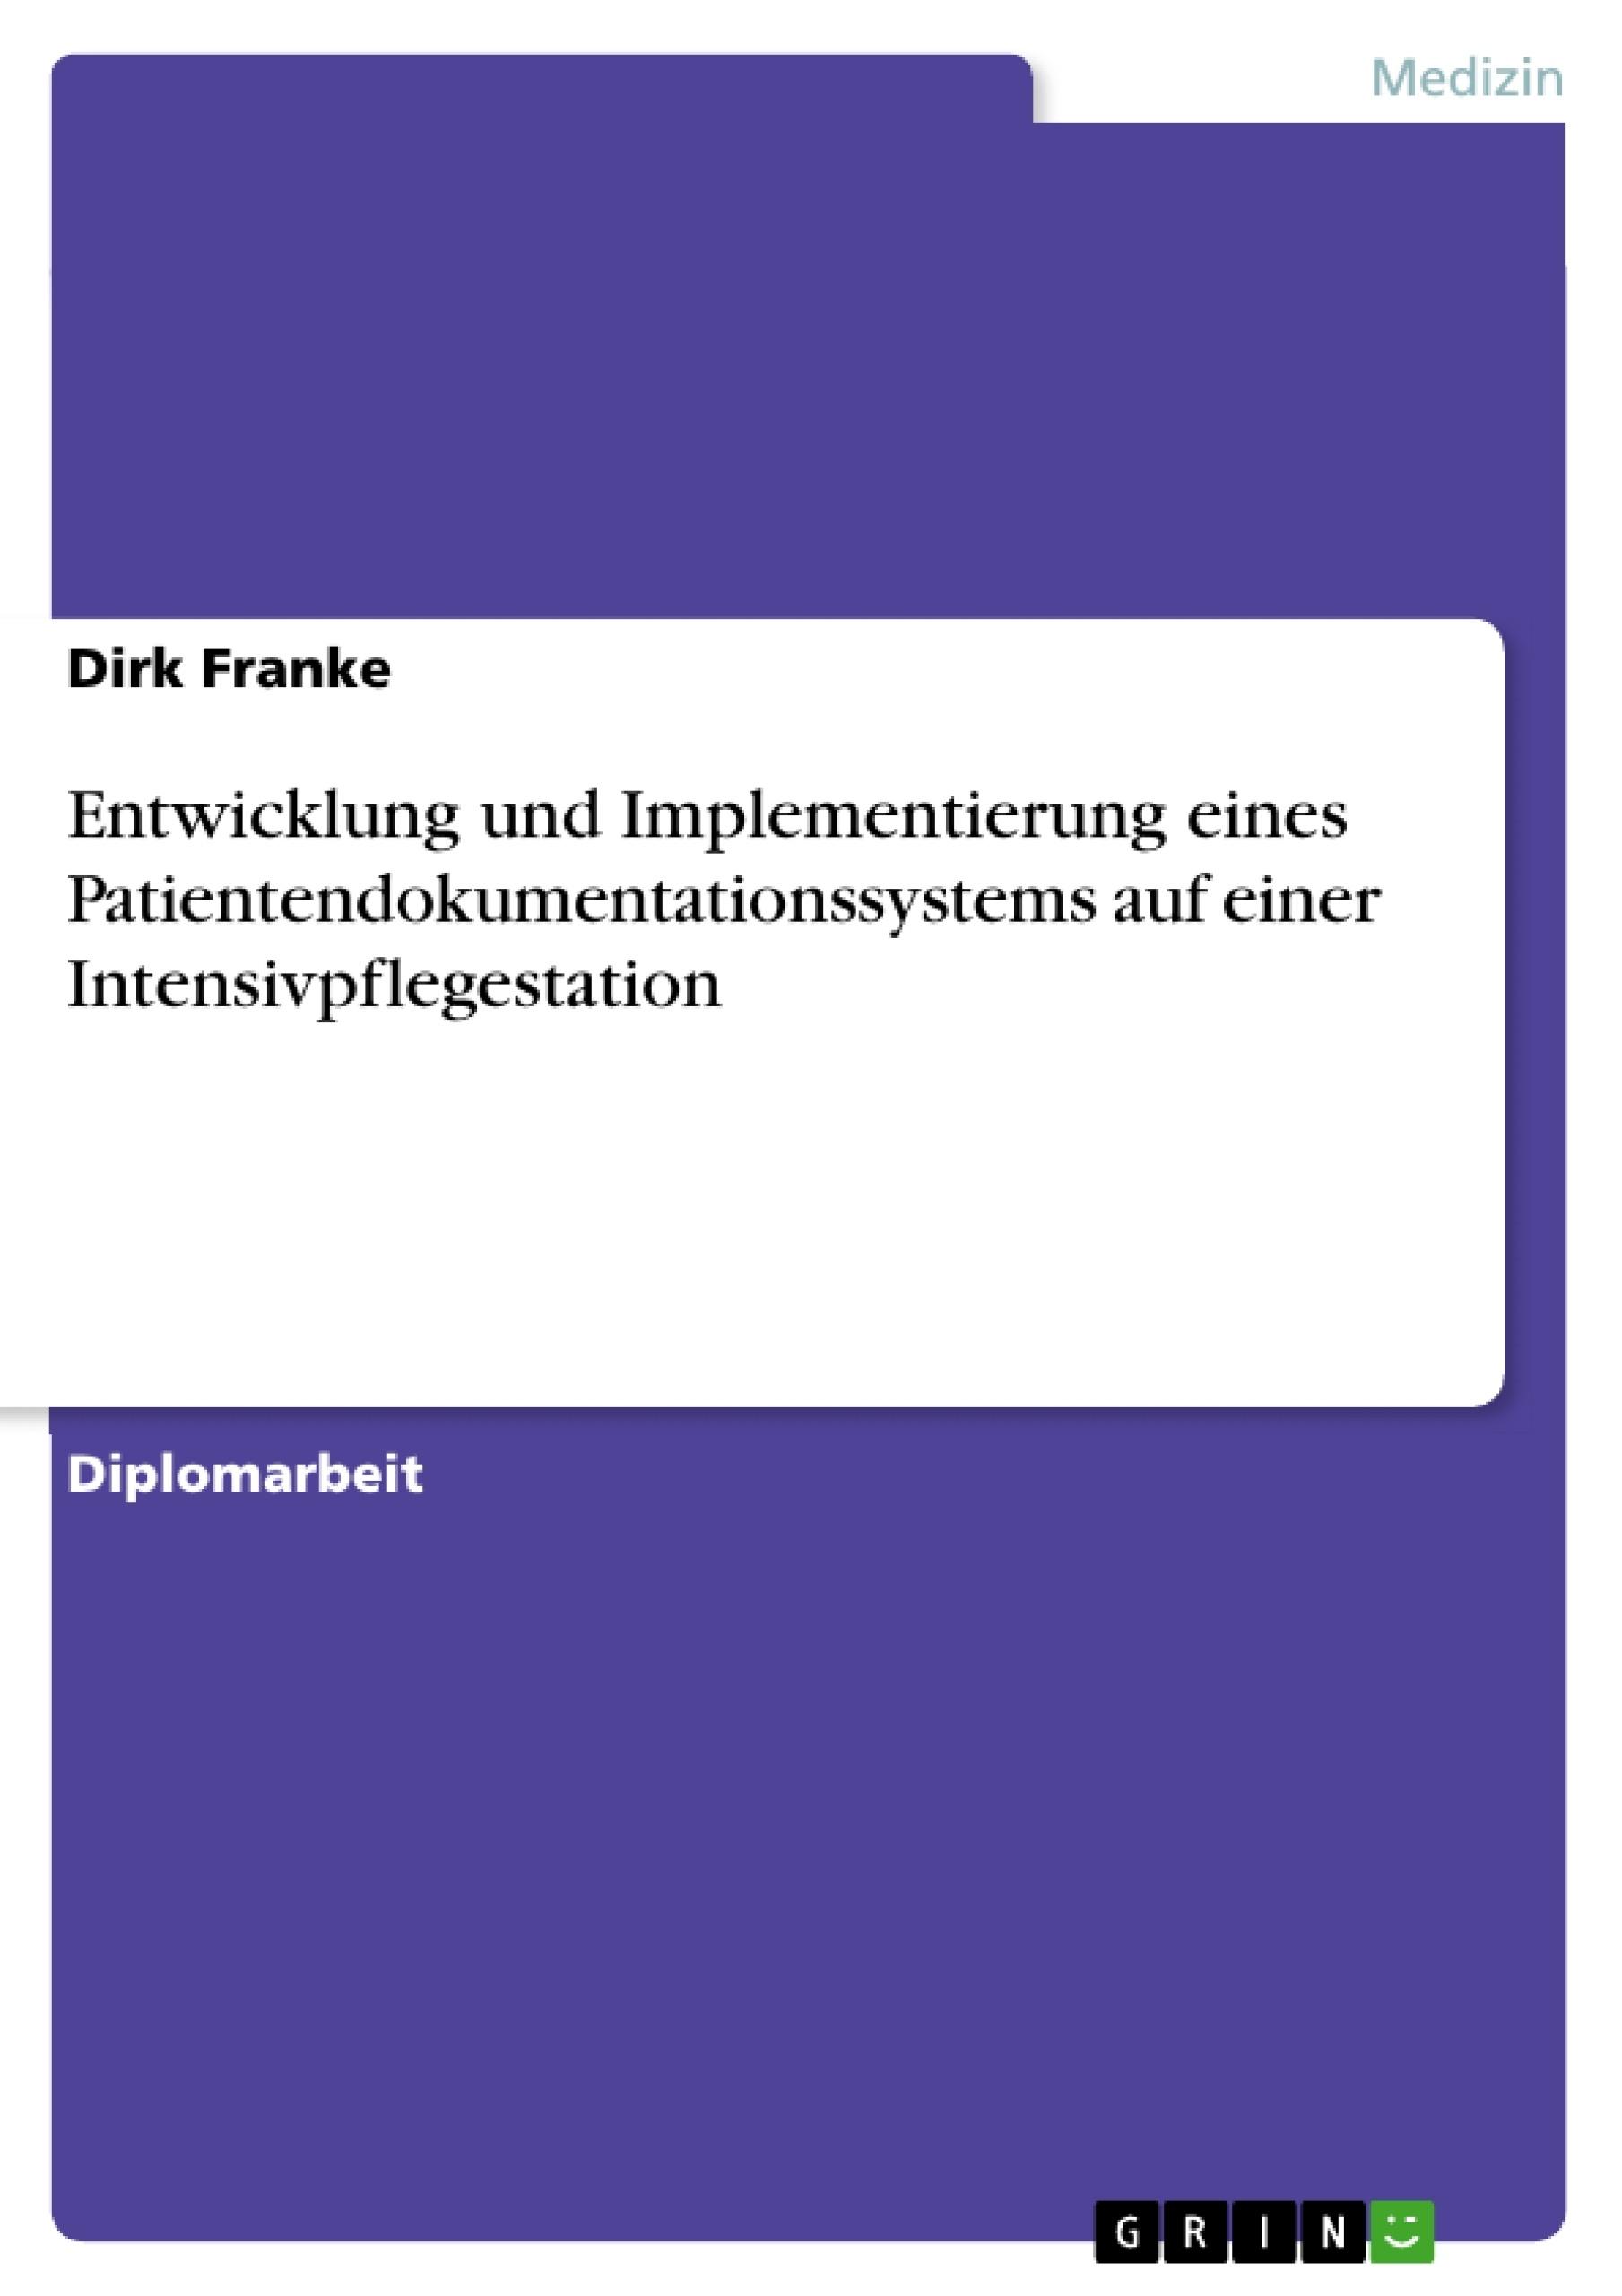 Titel: Entwicklung und Implementierung eines Patientendokumentationssystems auf einer Intensivpflegestation